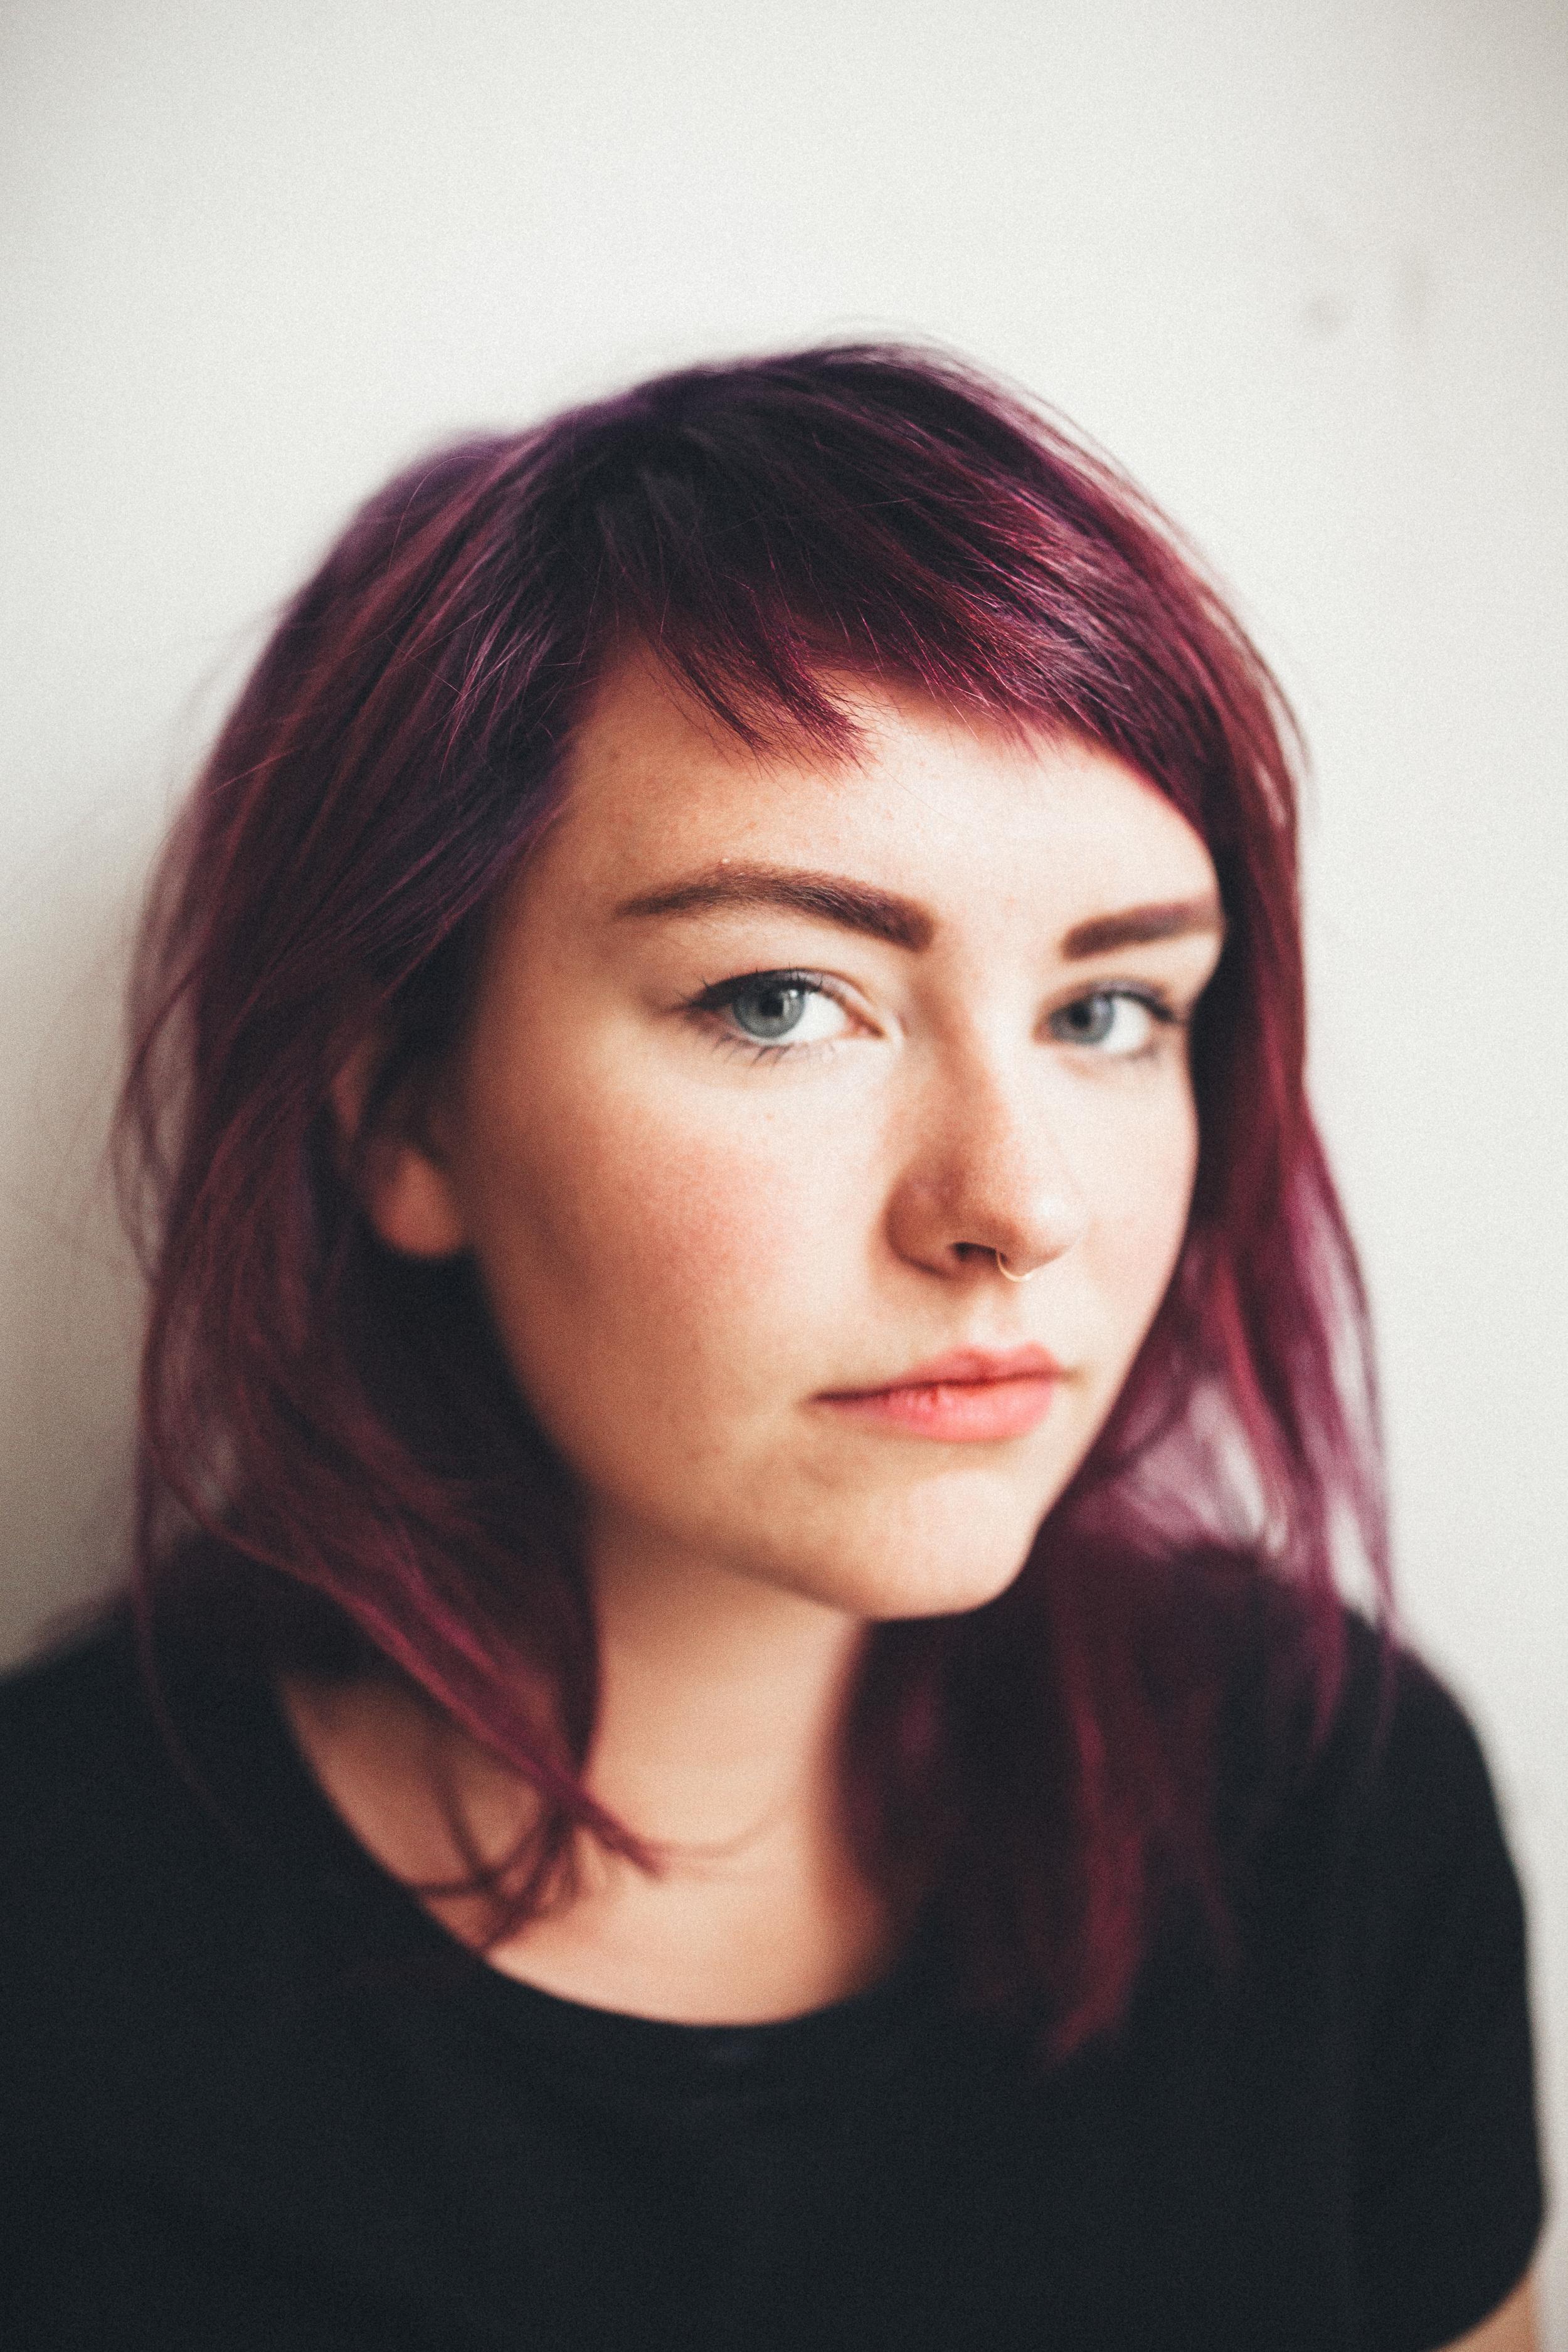 emily-patton-purple-hair-2240.jpg